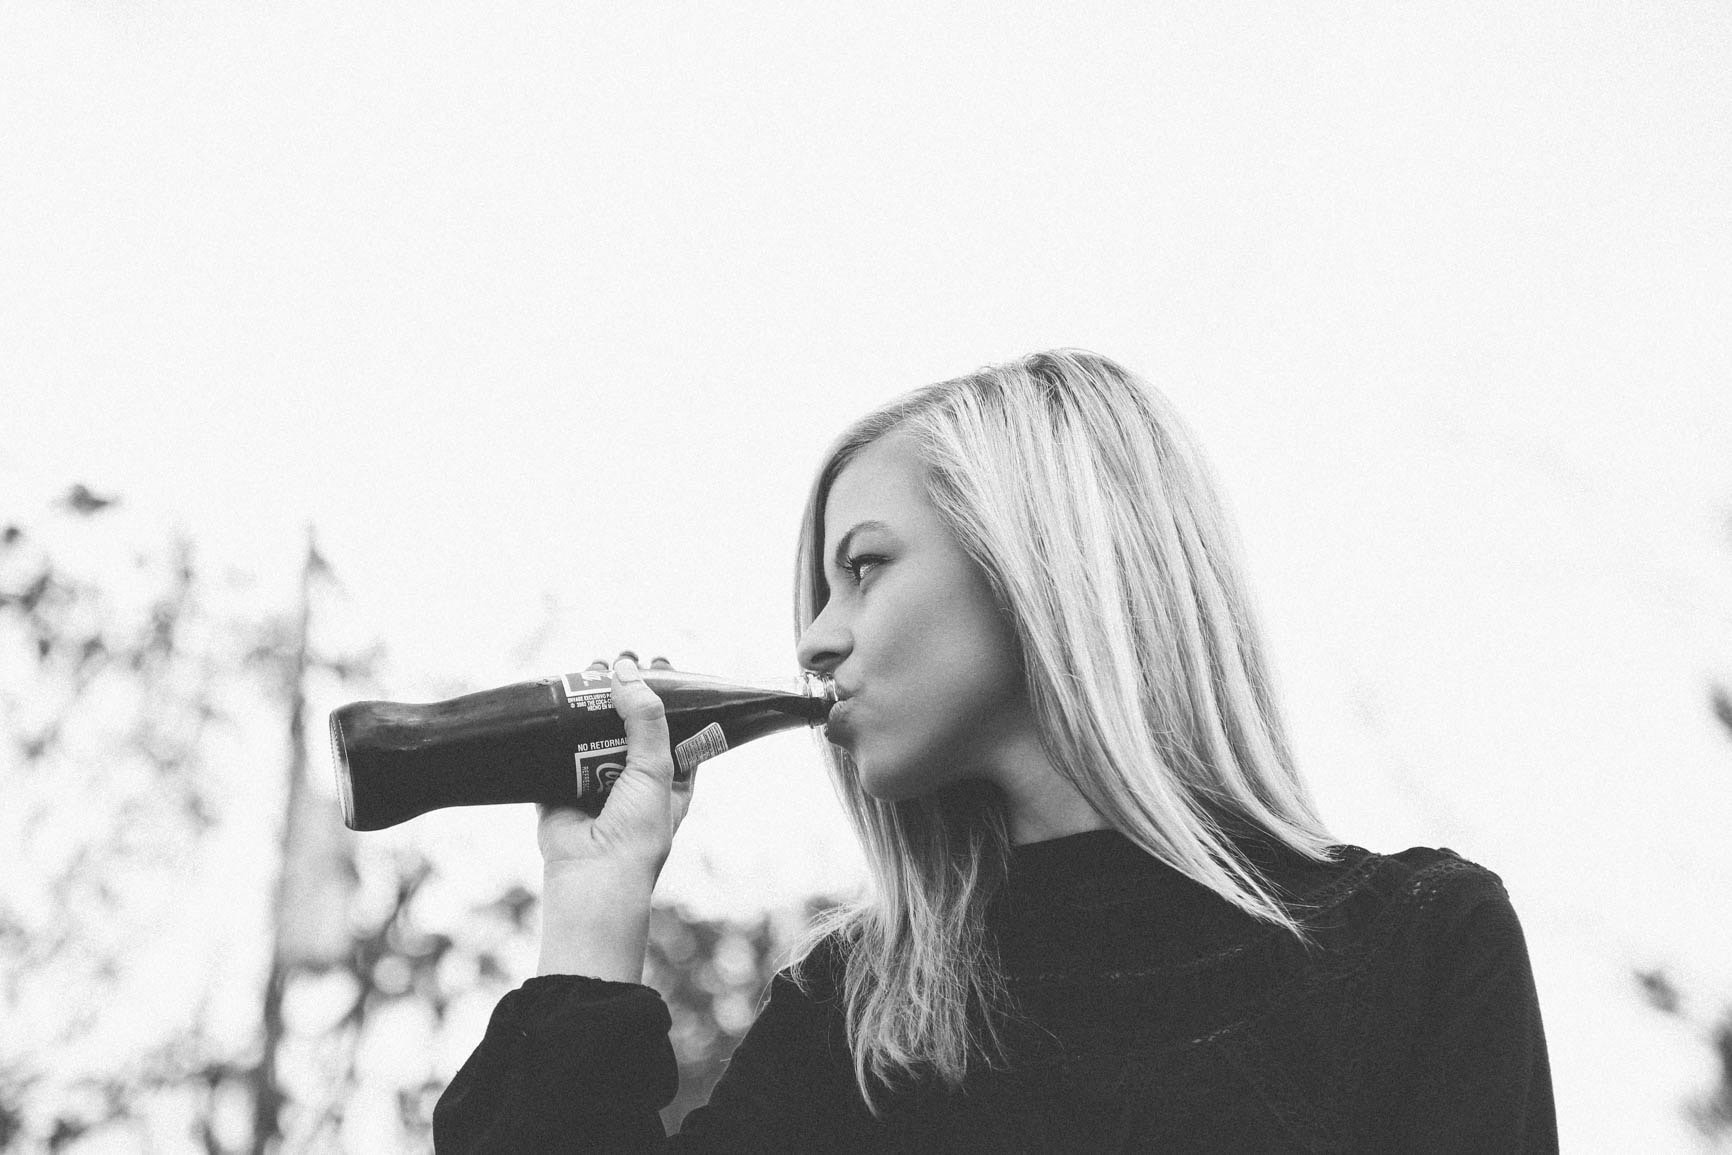 woman drinking soda bottle